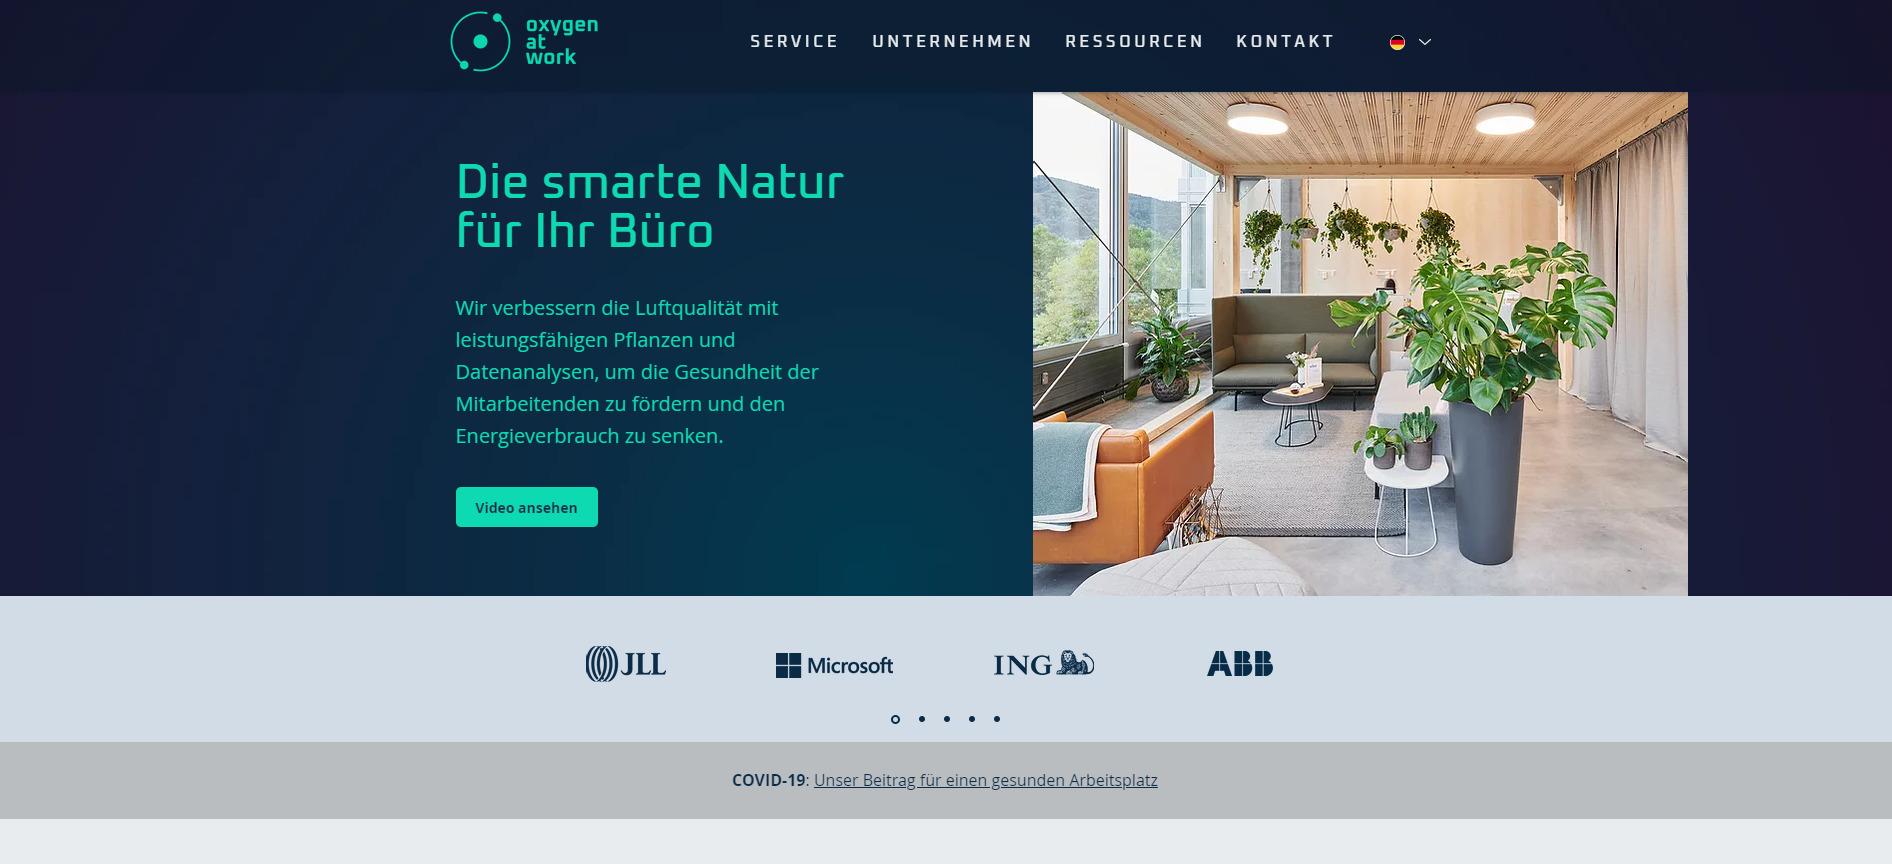 Oxygen - Startups rund um den Bodensee